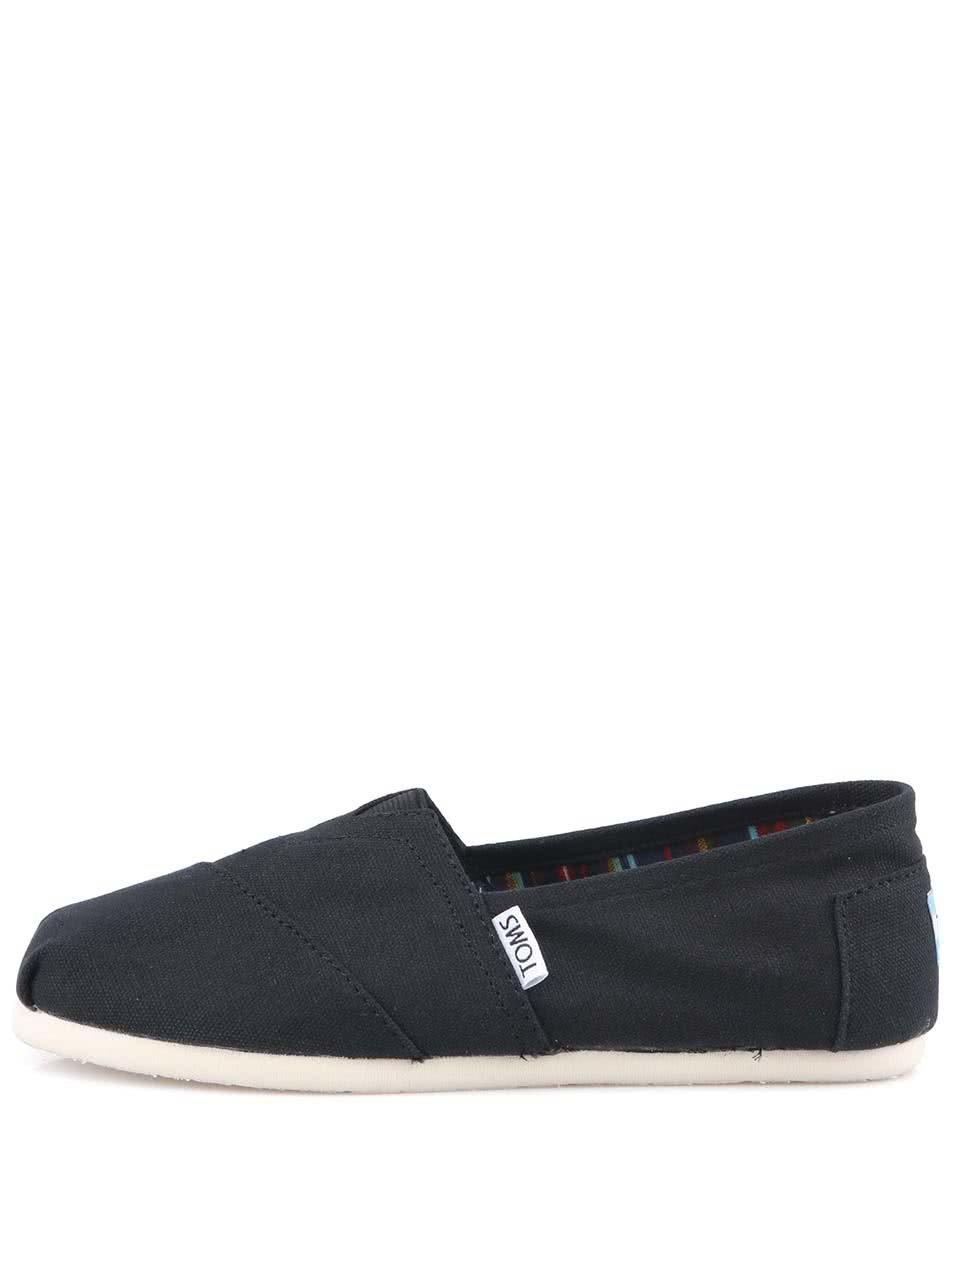 Černé pánské loafers TOMS Canvas Classic